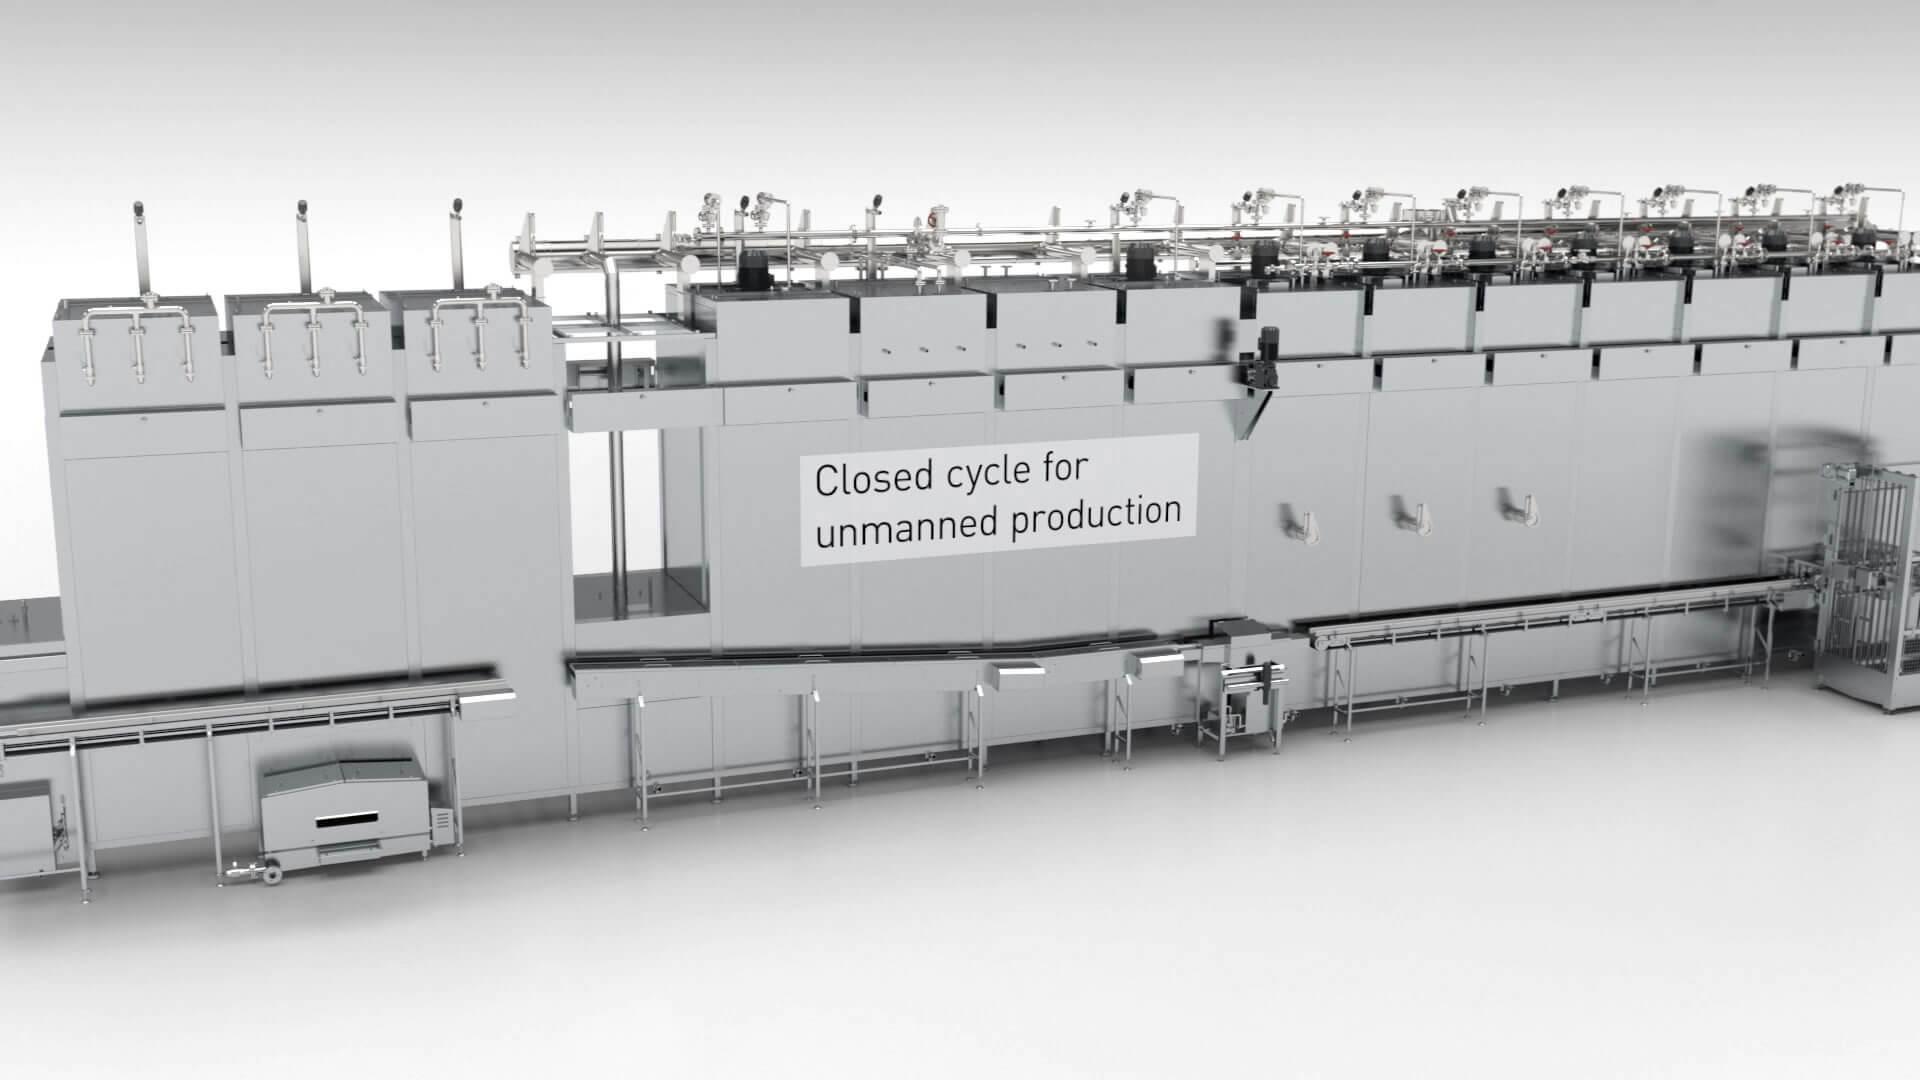 Vertrauen auch Sie, wie unser Kunde Fessmann, auf die Erstellung von professionellen Produktfilmen mit 3D Animationselementen beispielsweise für (Fach-)Messen.